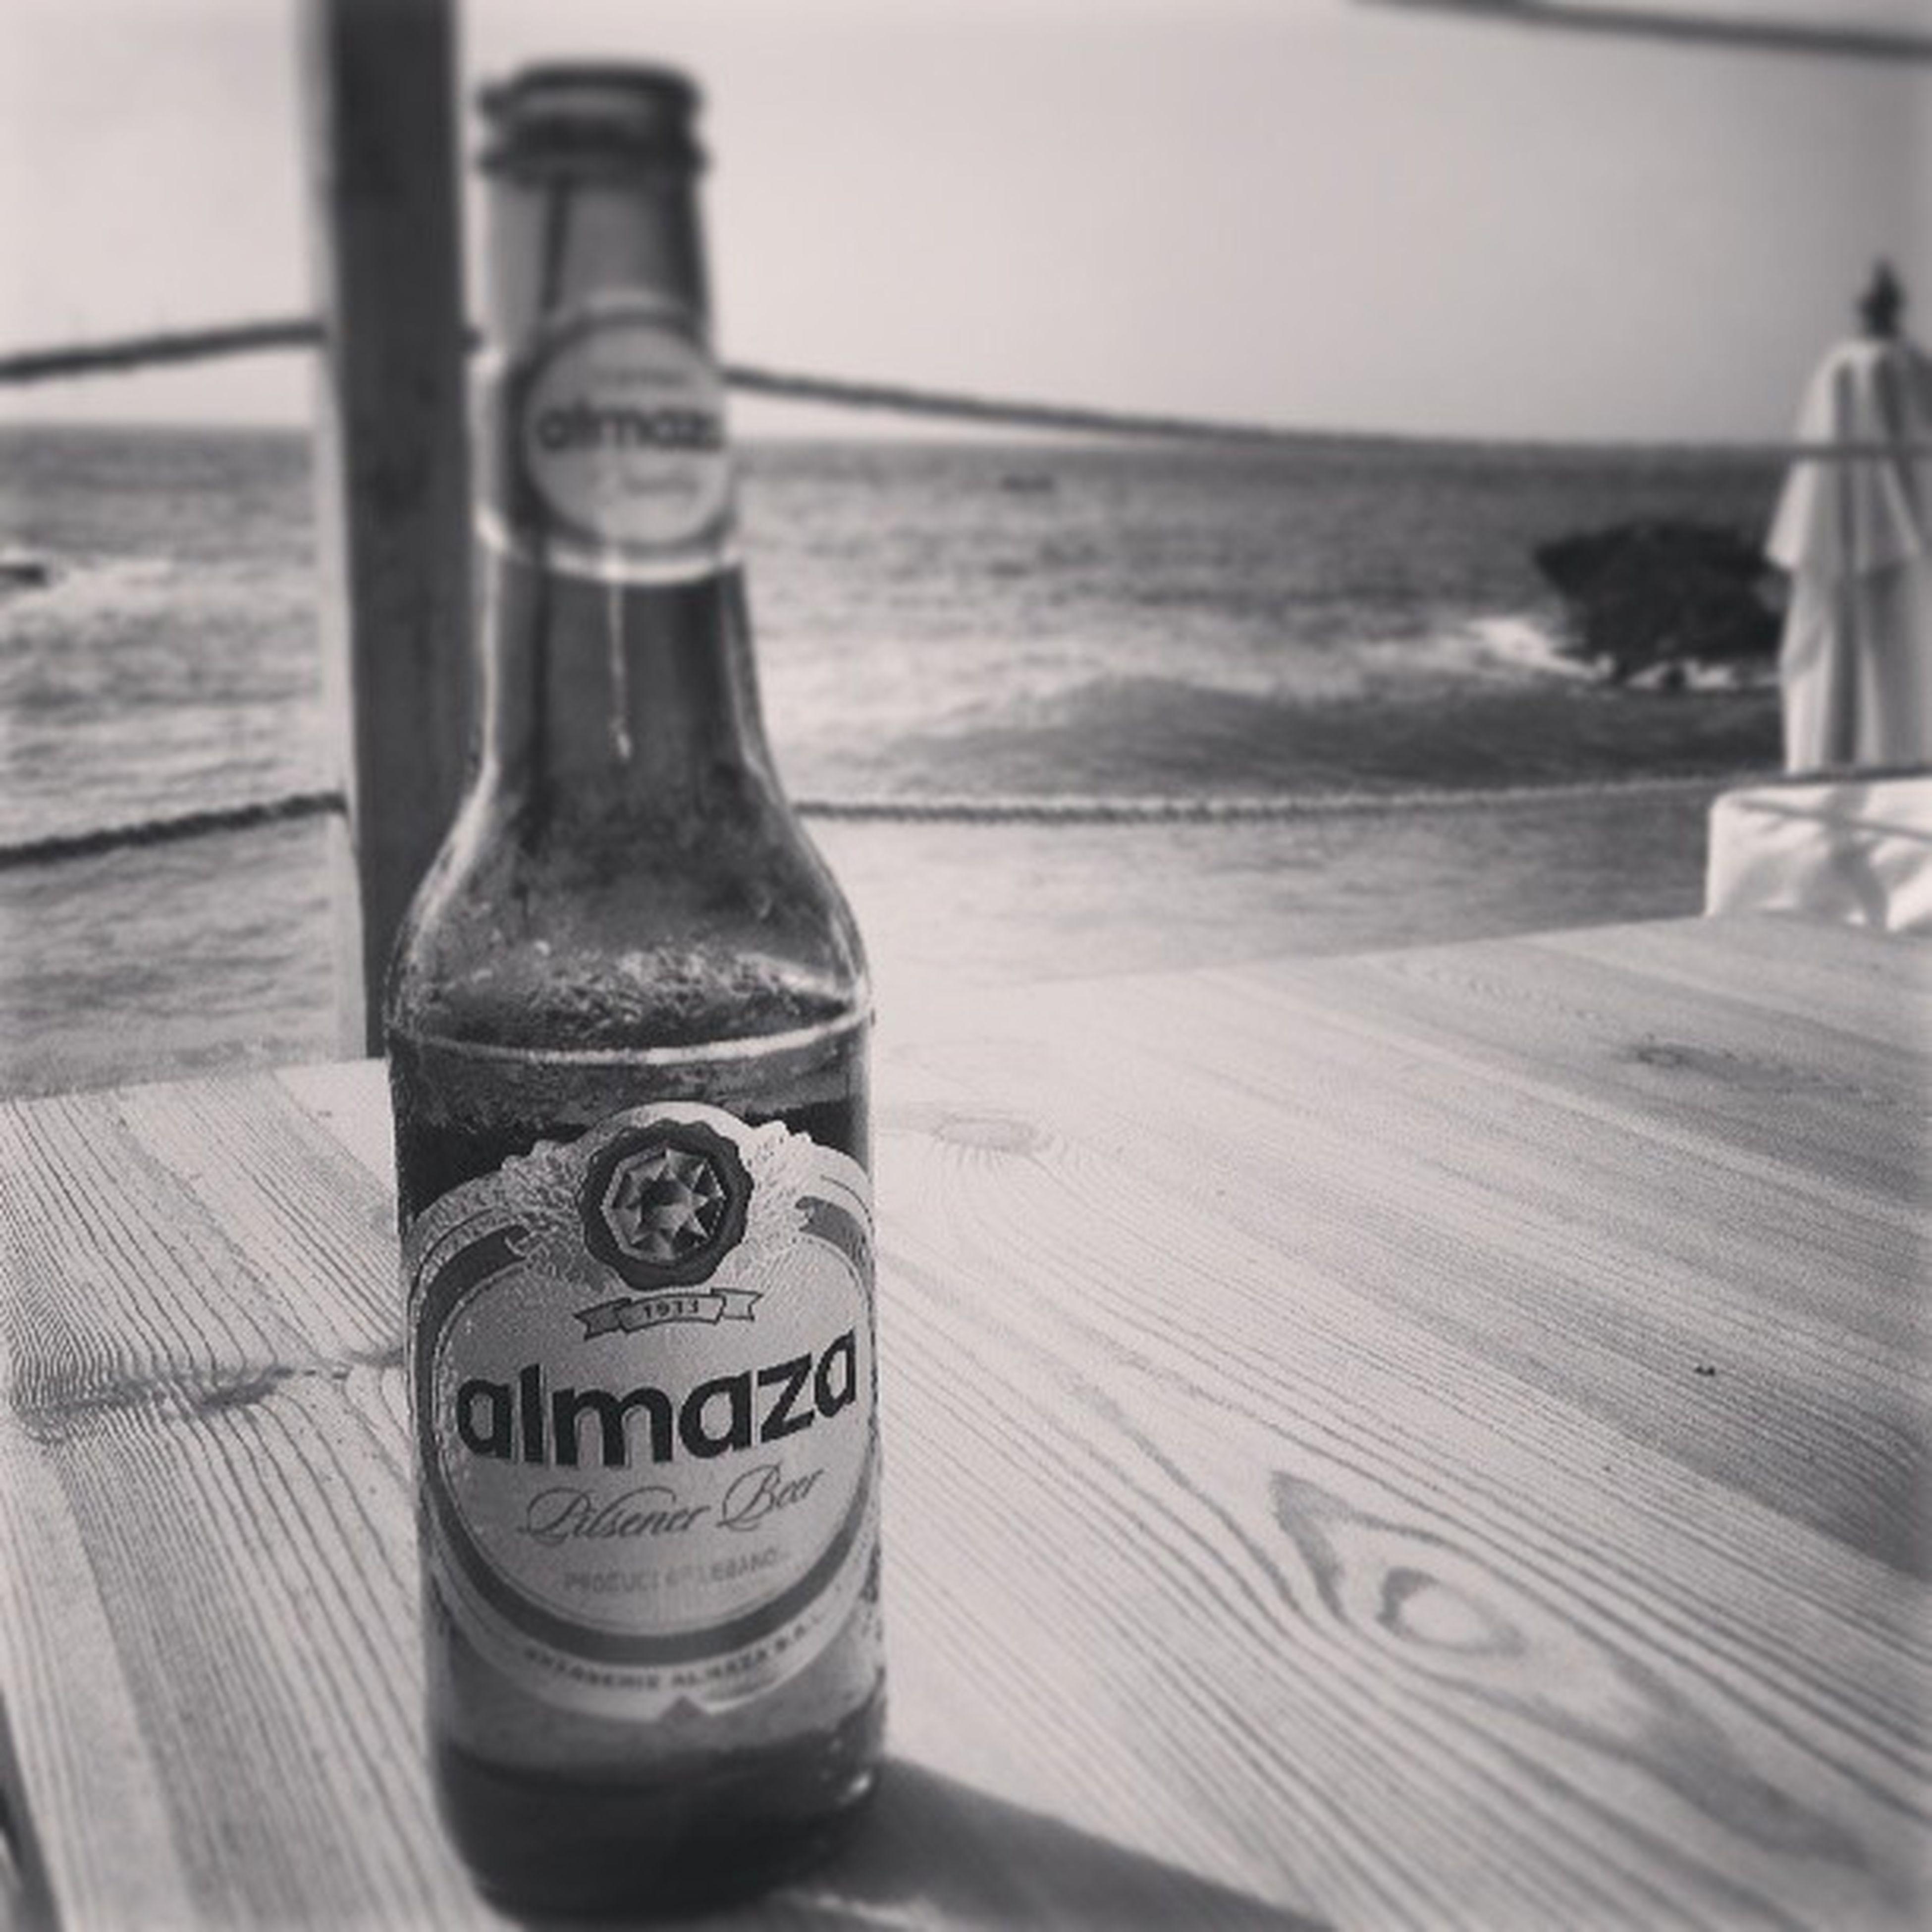 Not the best Beer but it'll do Almaza Pilsener